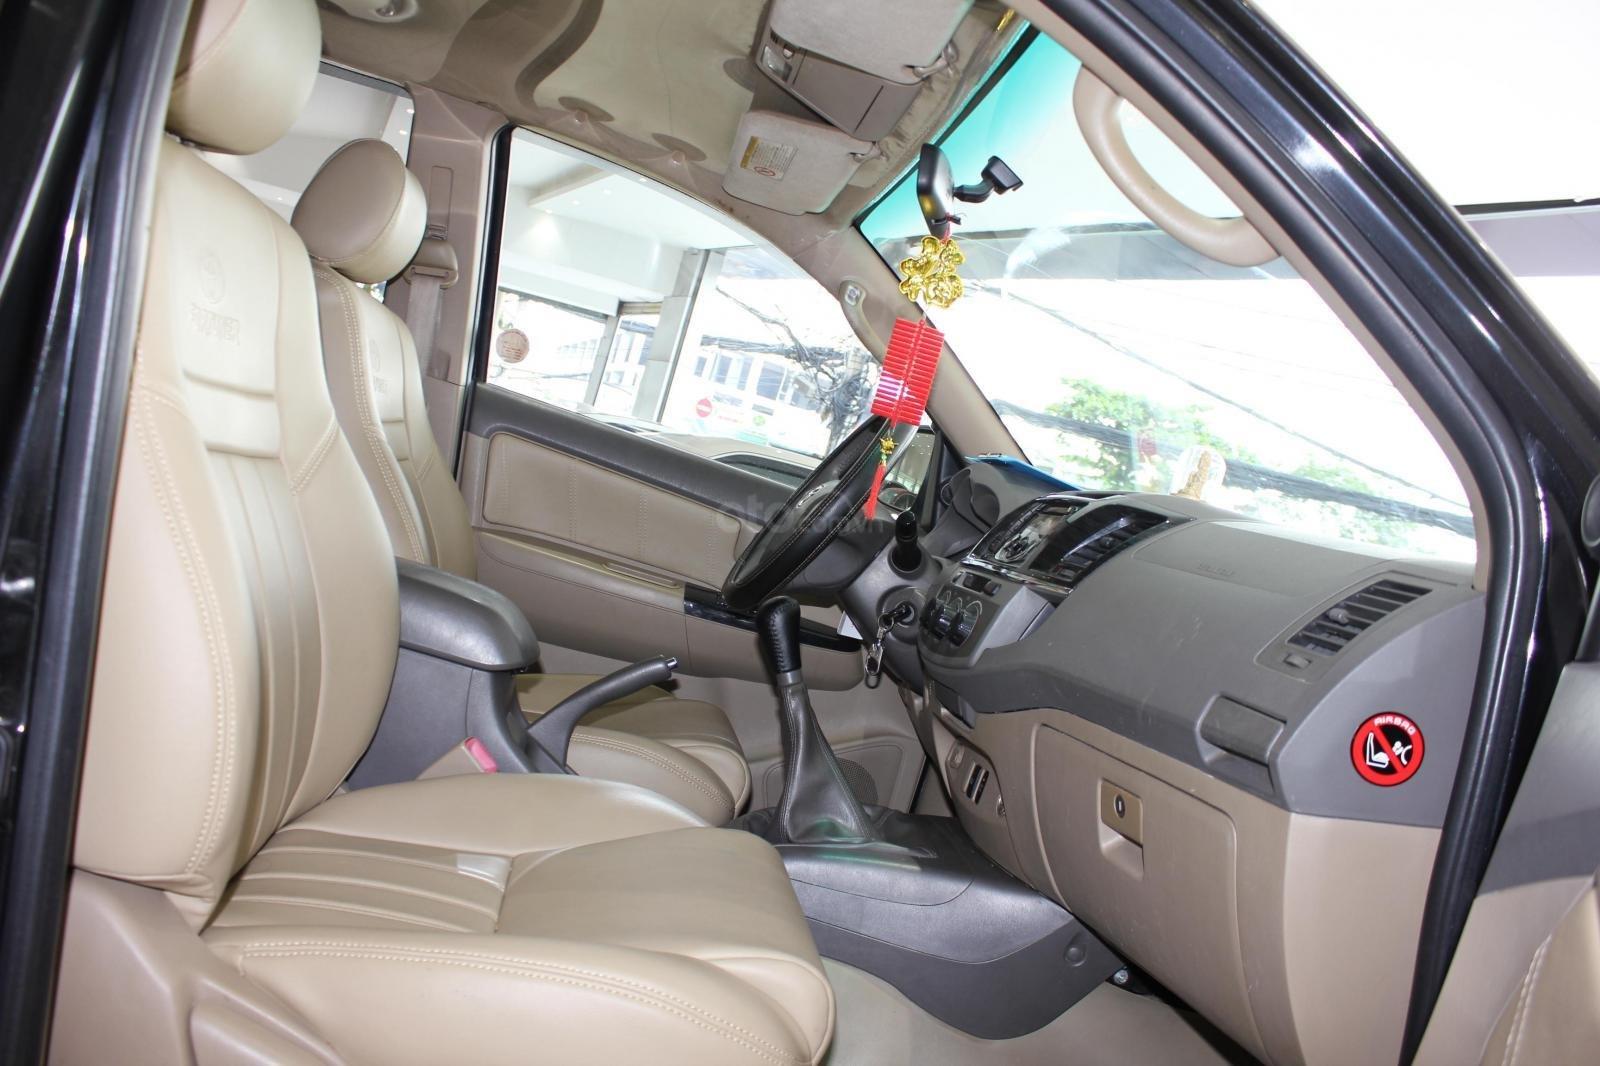 Bán xe Toyota Fortuner 2.5G MT đời 2012, máy dầu, màu đen, biển SG, xe đẹp (11)